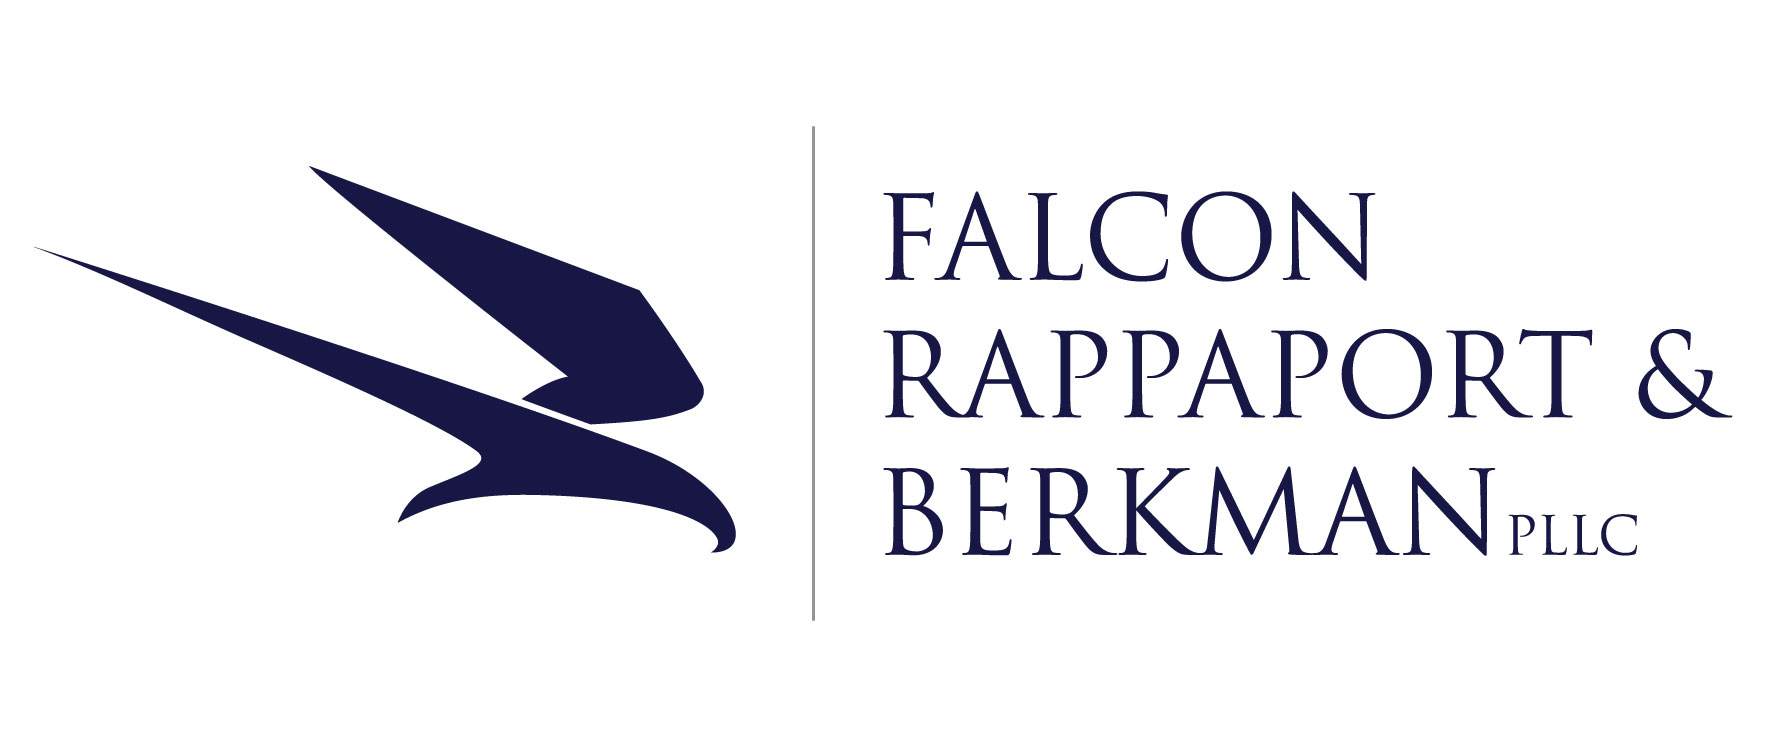 Falconrappaport logo